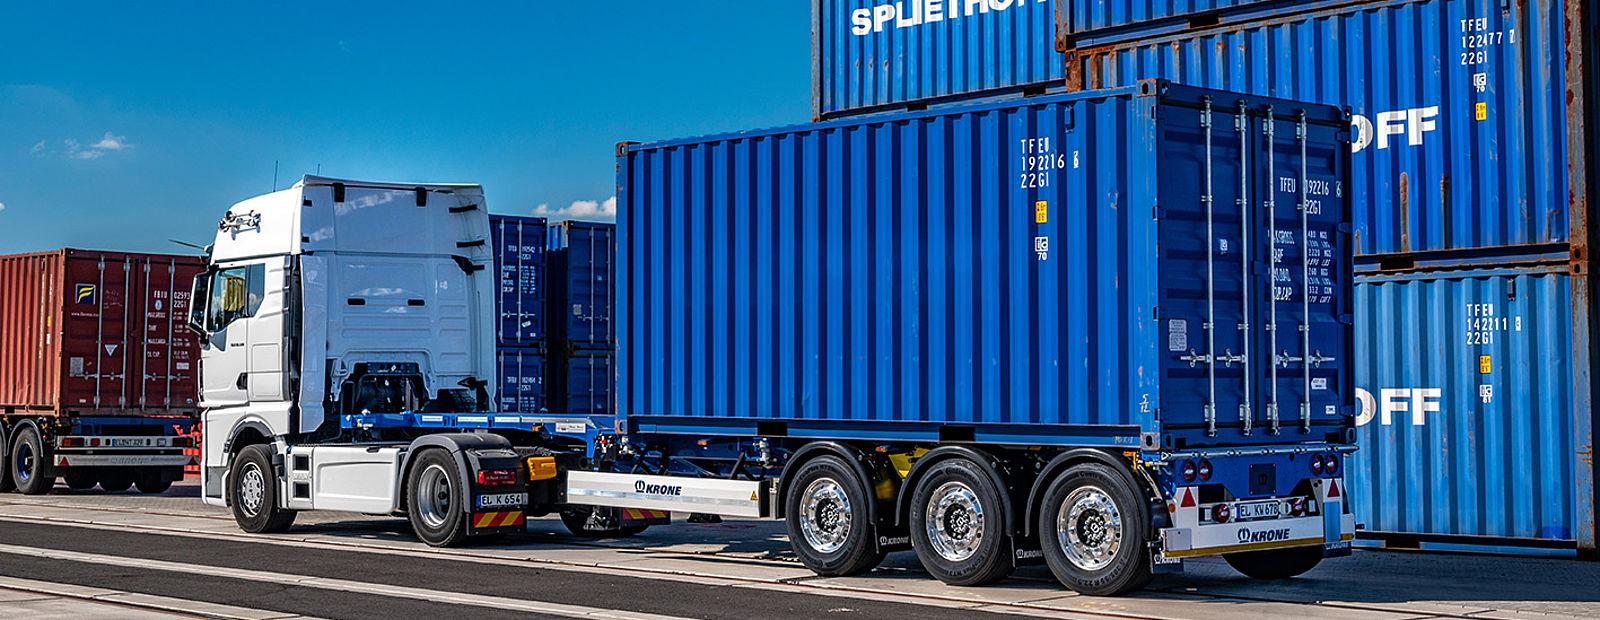 Krone Box Liner eLTU 40 Light Traction, un șasiu polivalent pentru transportul de containere